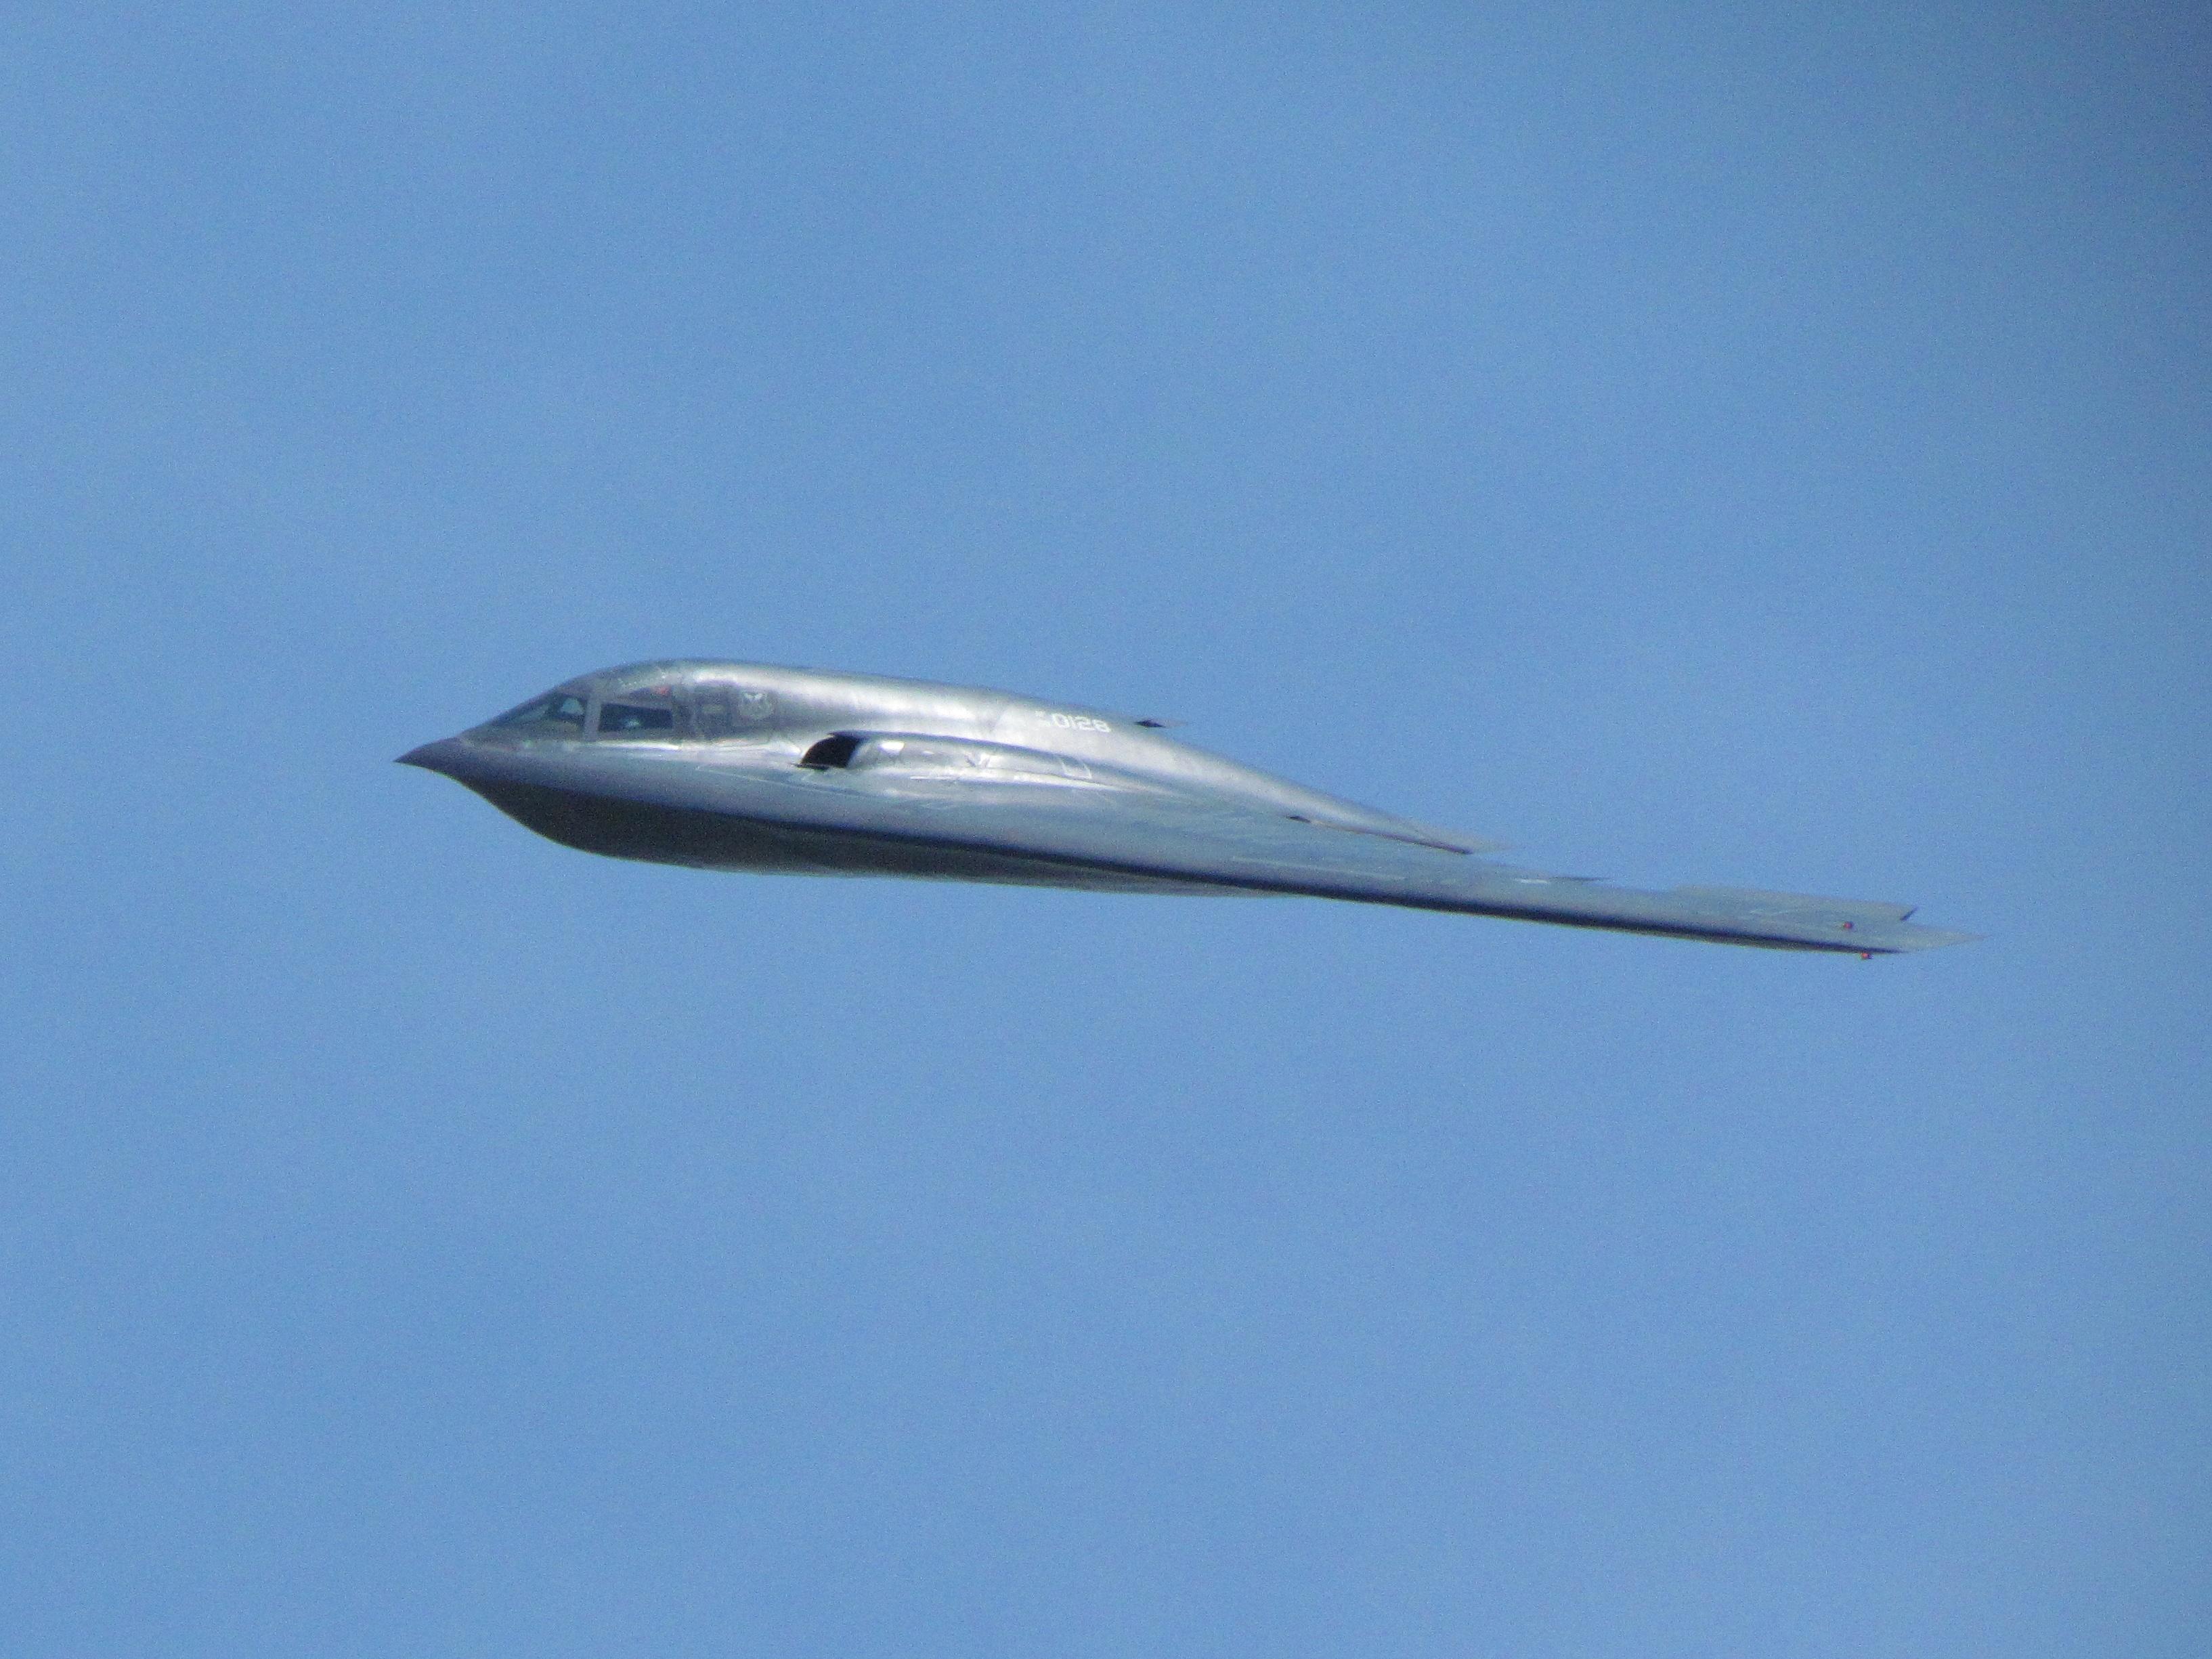 B-2 Spirit Stealth Bomber (3267 x 2450) : reddit com